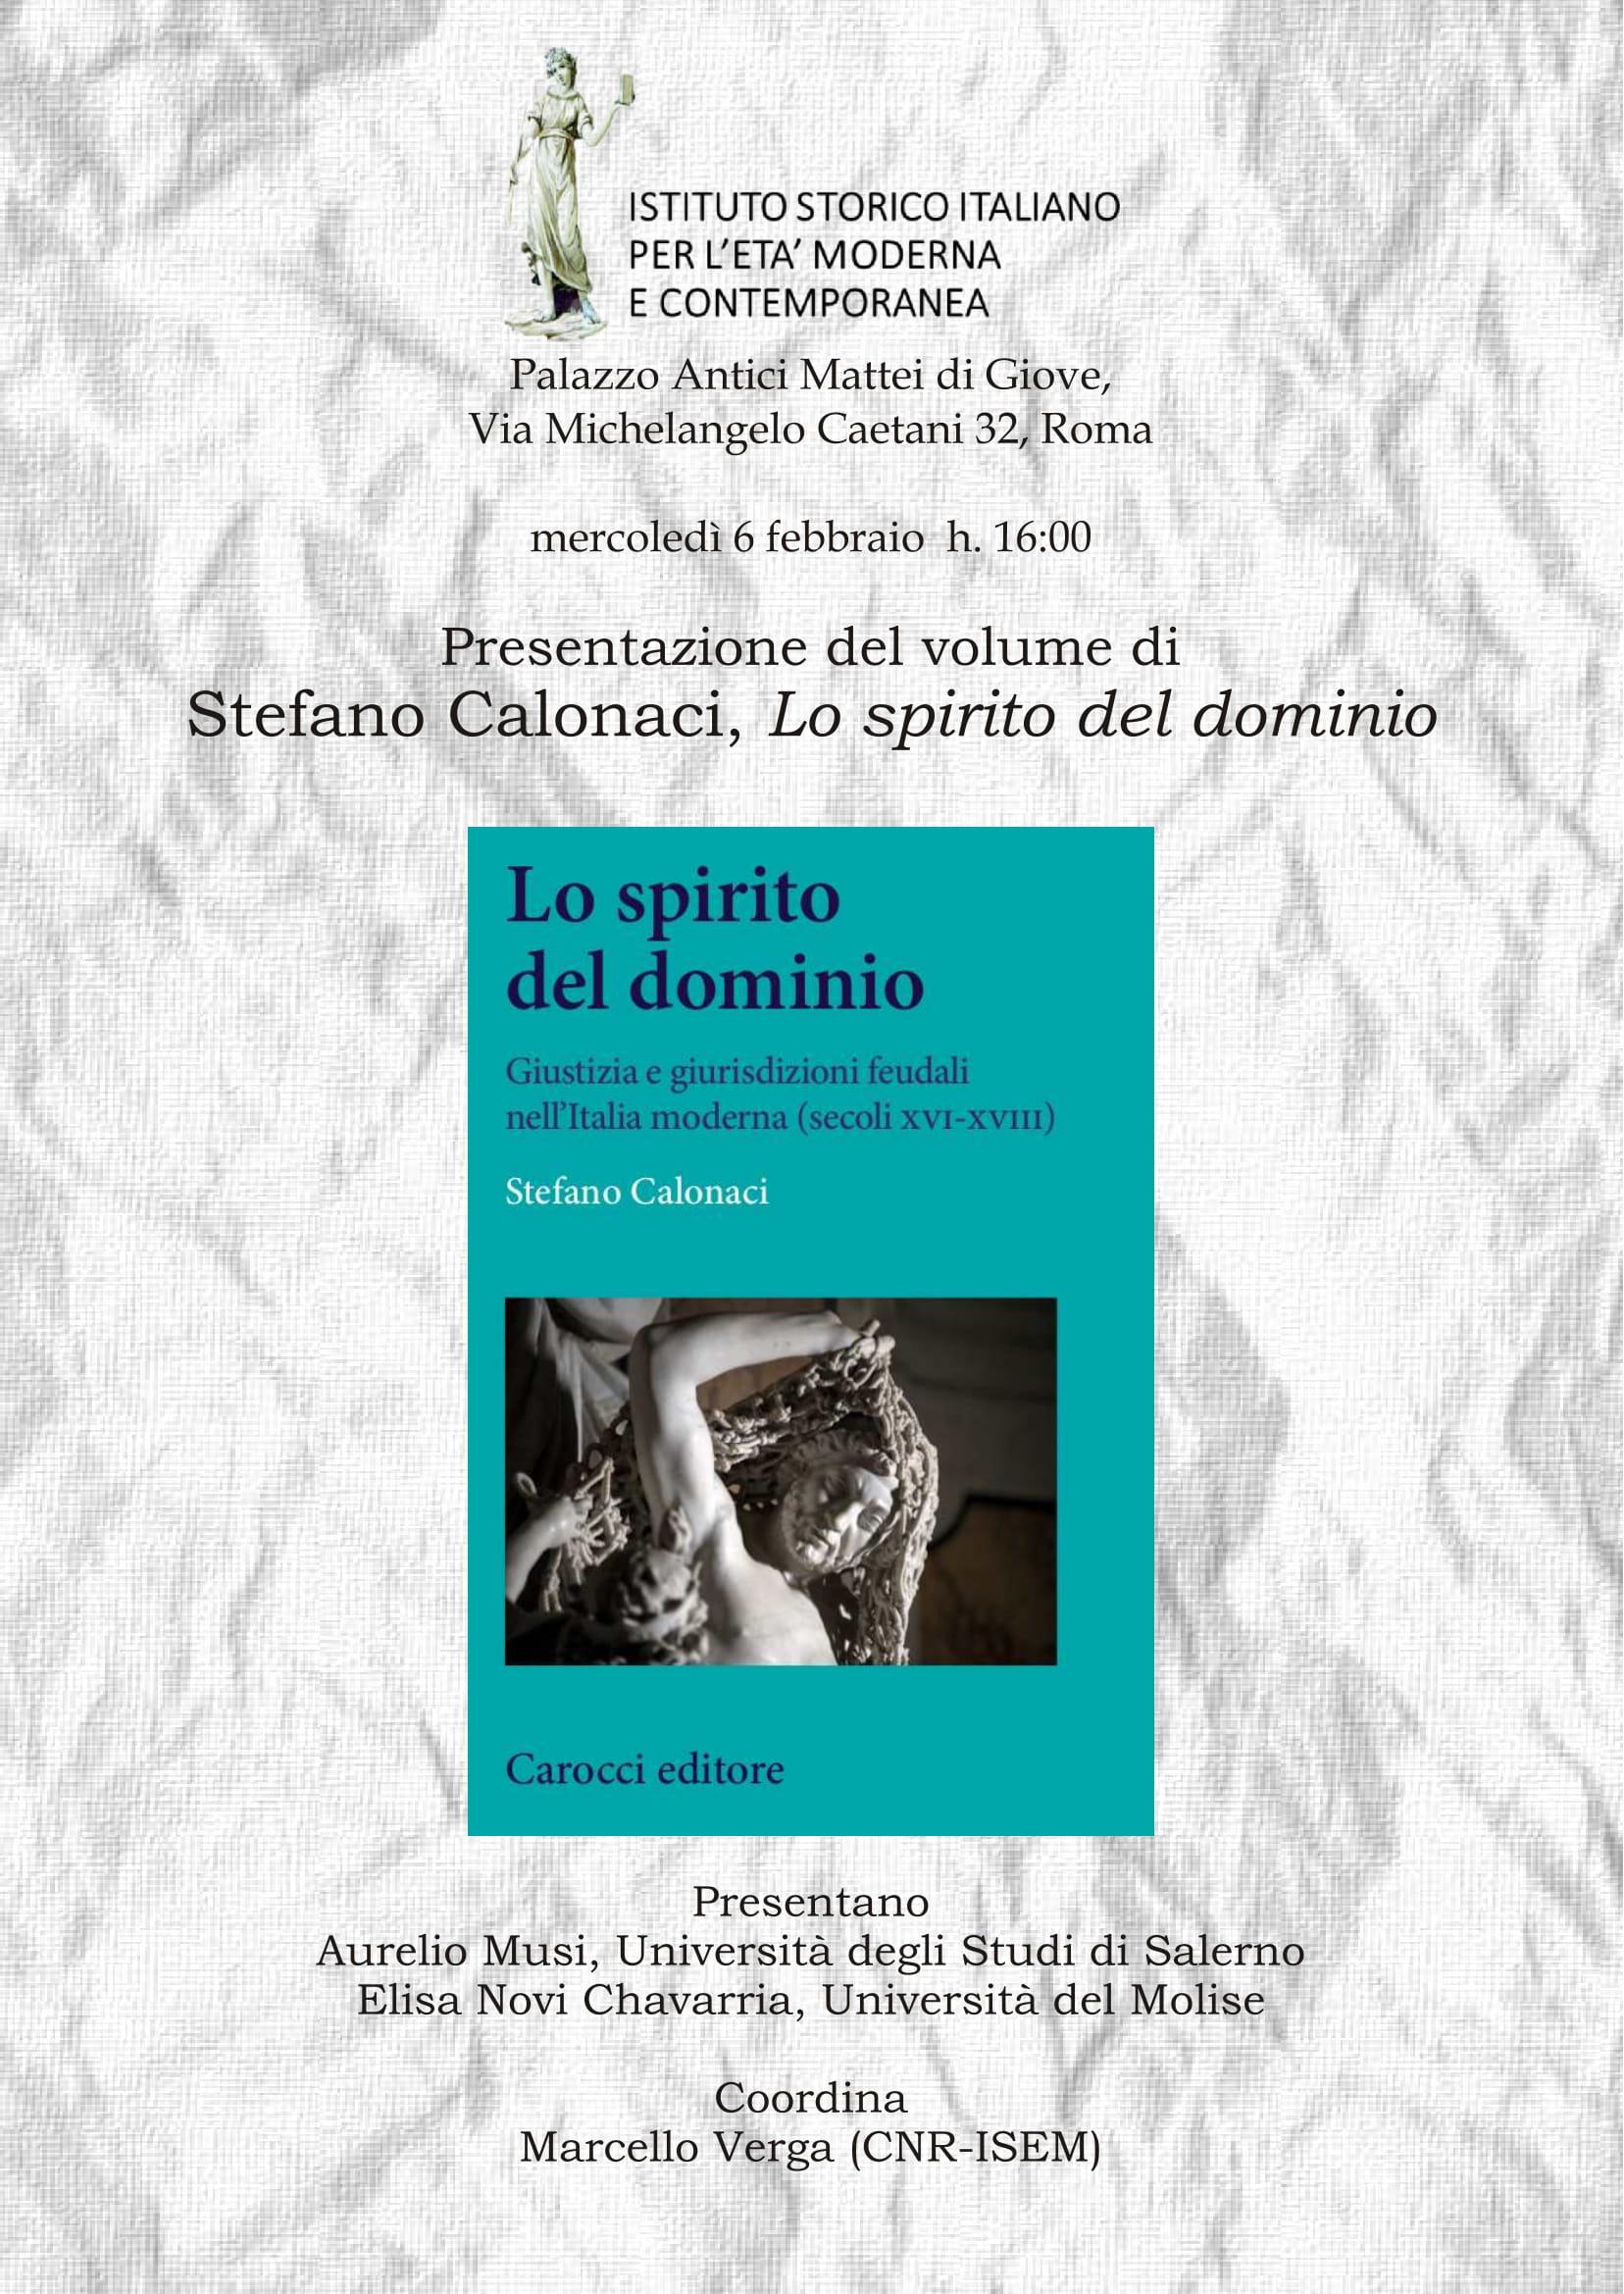 Calendario Iniziative Istituto Storico Italiano Per Letà Moderna